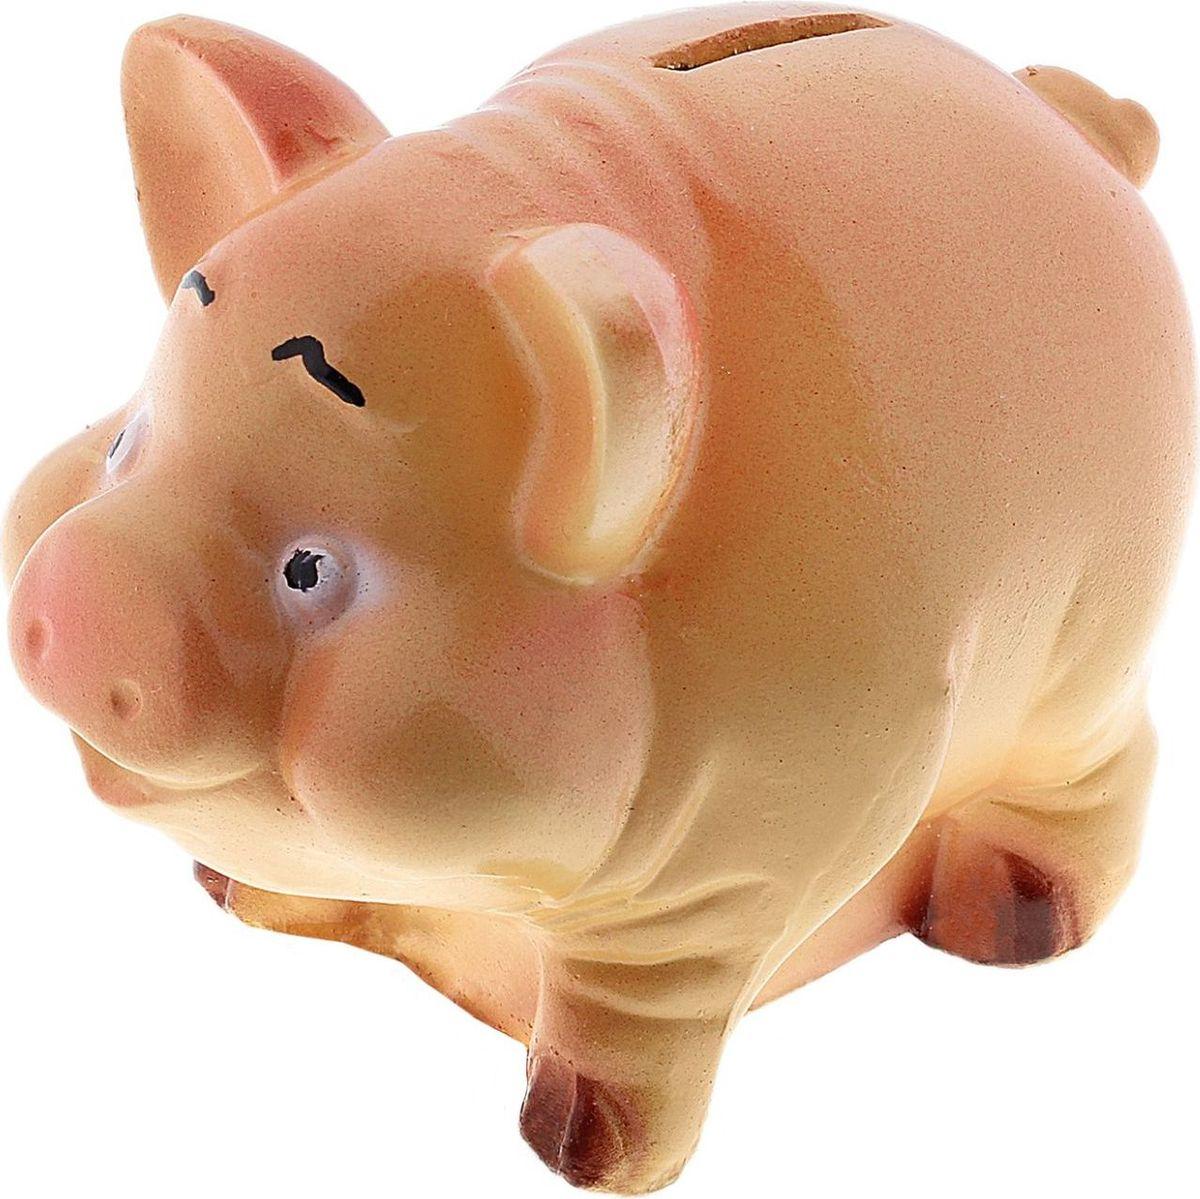 Копилка Хрюша Вася, 9 х 10 х 7 см447370Копилка-свинка символизирует растущее богатство. Она помогает сохранить те накопления, которые у вас уже имеются, и будет их постоянно пополнять. Желательно поставить её на видное место и положить рядом жёлудь. Пусть все подкармливают вашу хрюшку любыми монетами и даже бумажными купюрами, ведь это непривередливое животное. Не забывайте время от времени натирать ей пятачок - этот ритуал будет привлекать в дом крупные финансовые поступления.Обращаем ваше внимание, что копилка является одноразовой.